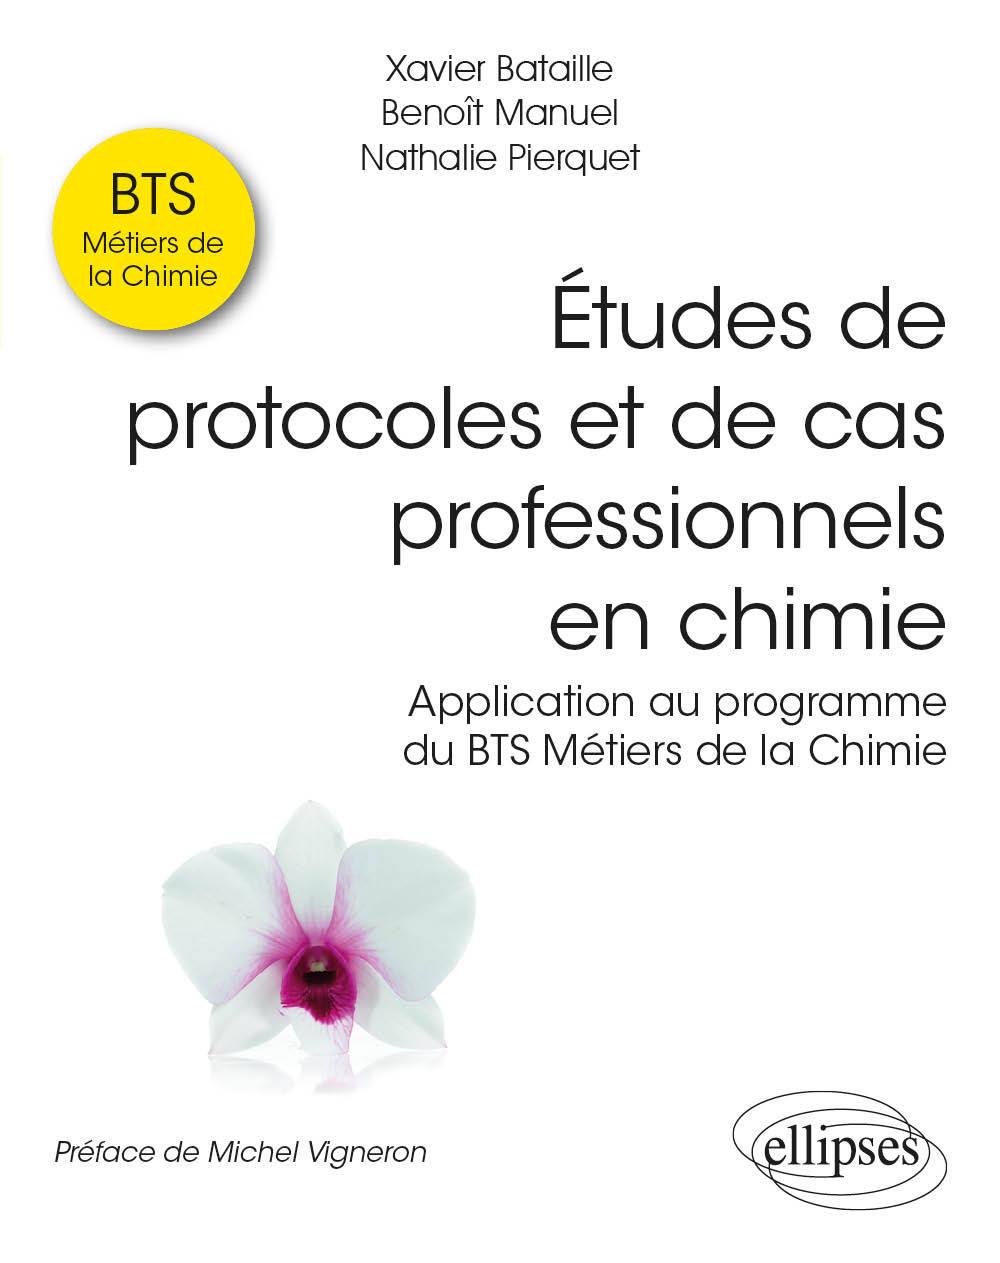 ETUDES DE PROTOCOLES ET DE CAS PROFESSIONNELS EN CHIMIE - APPLICATION AU PROGRAMME DU BTS METIERS DE